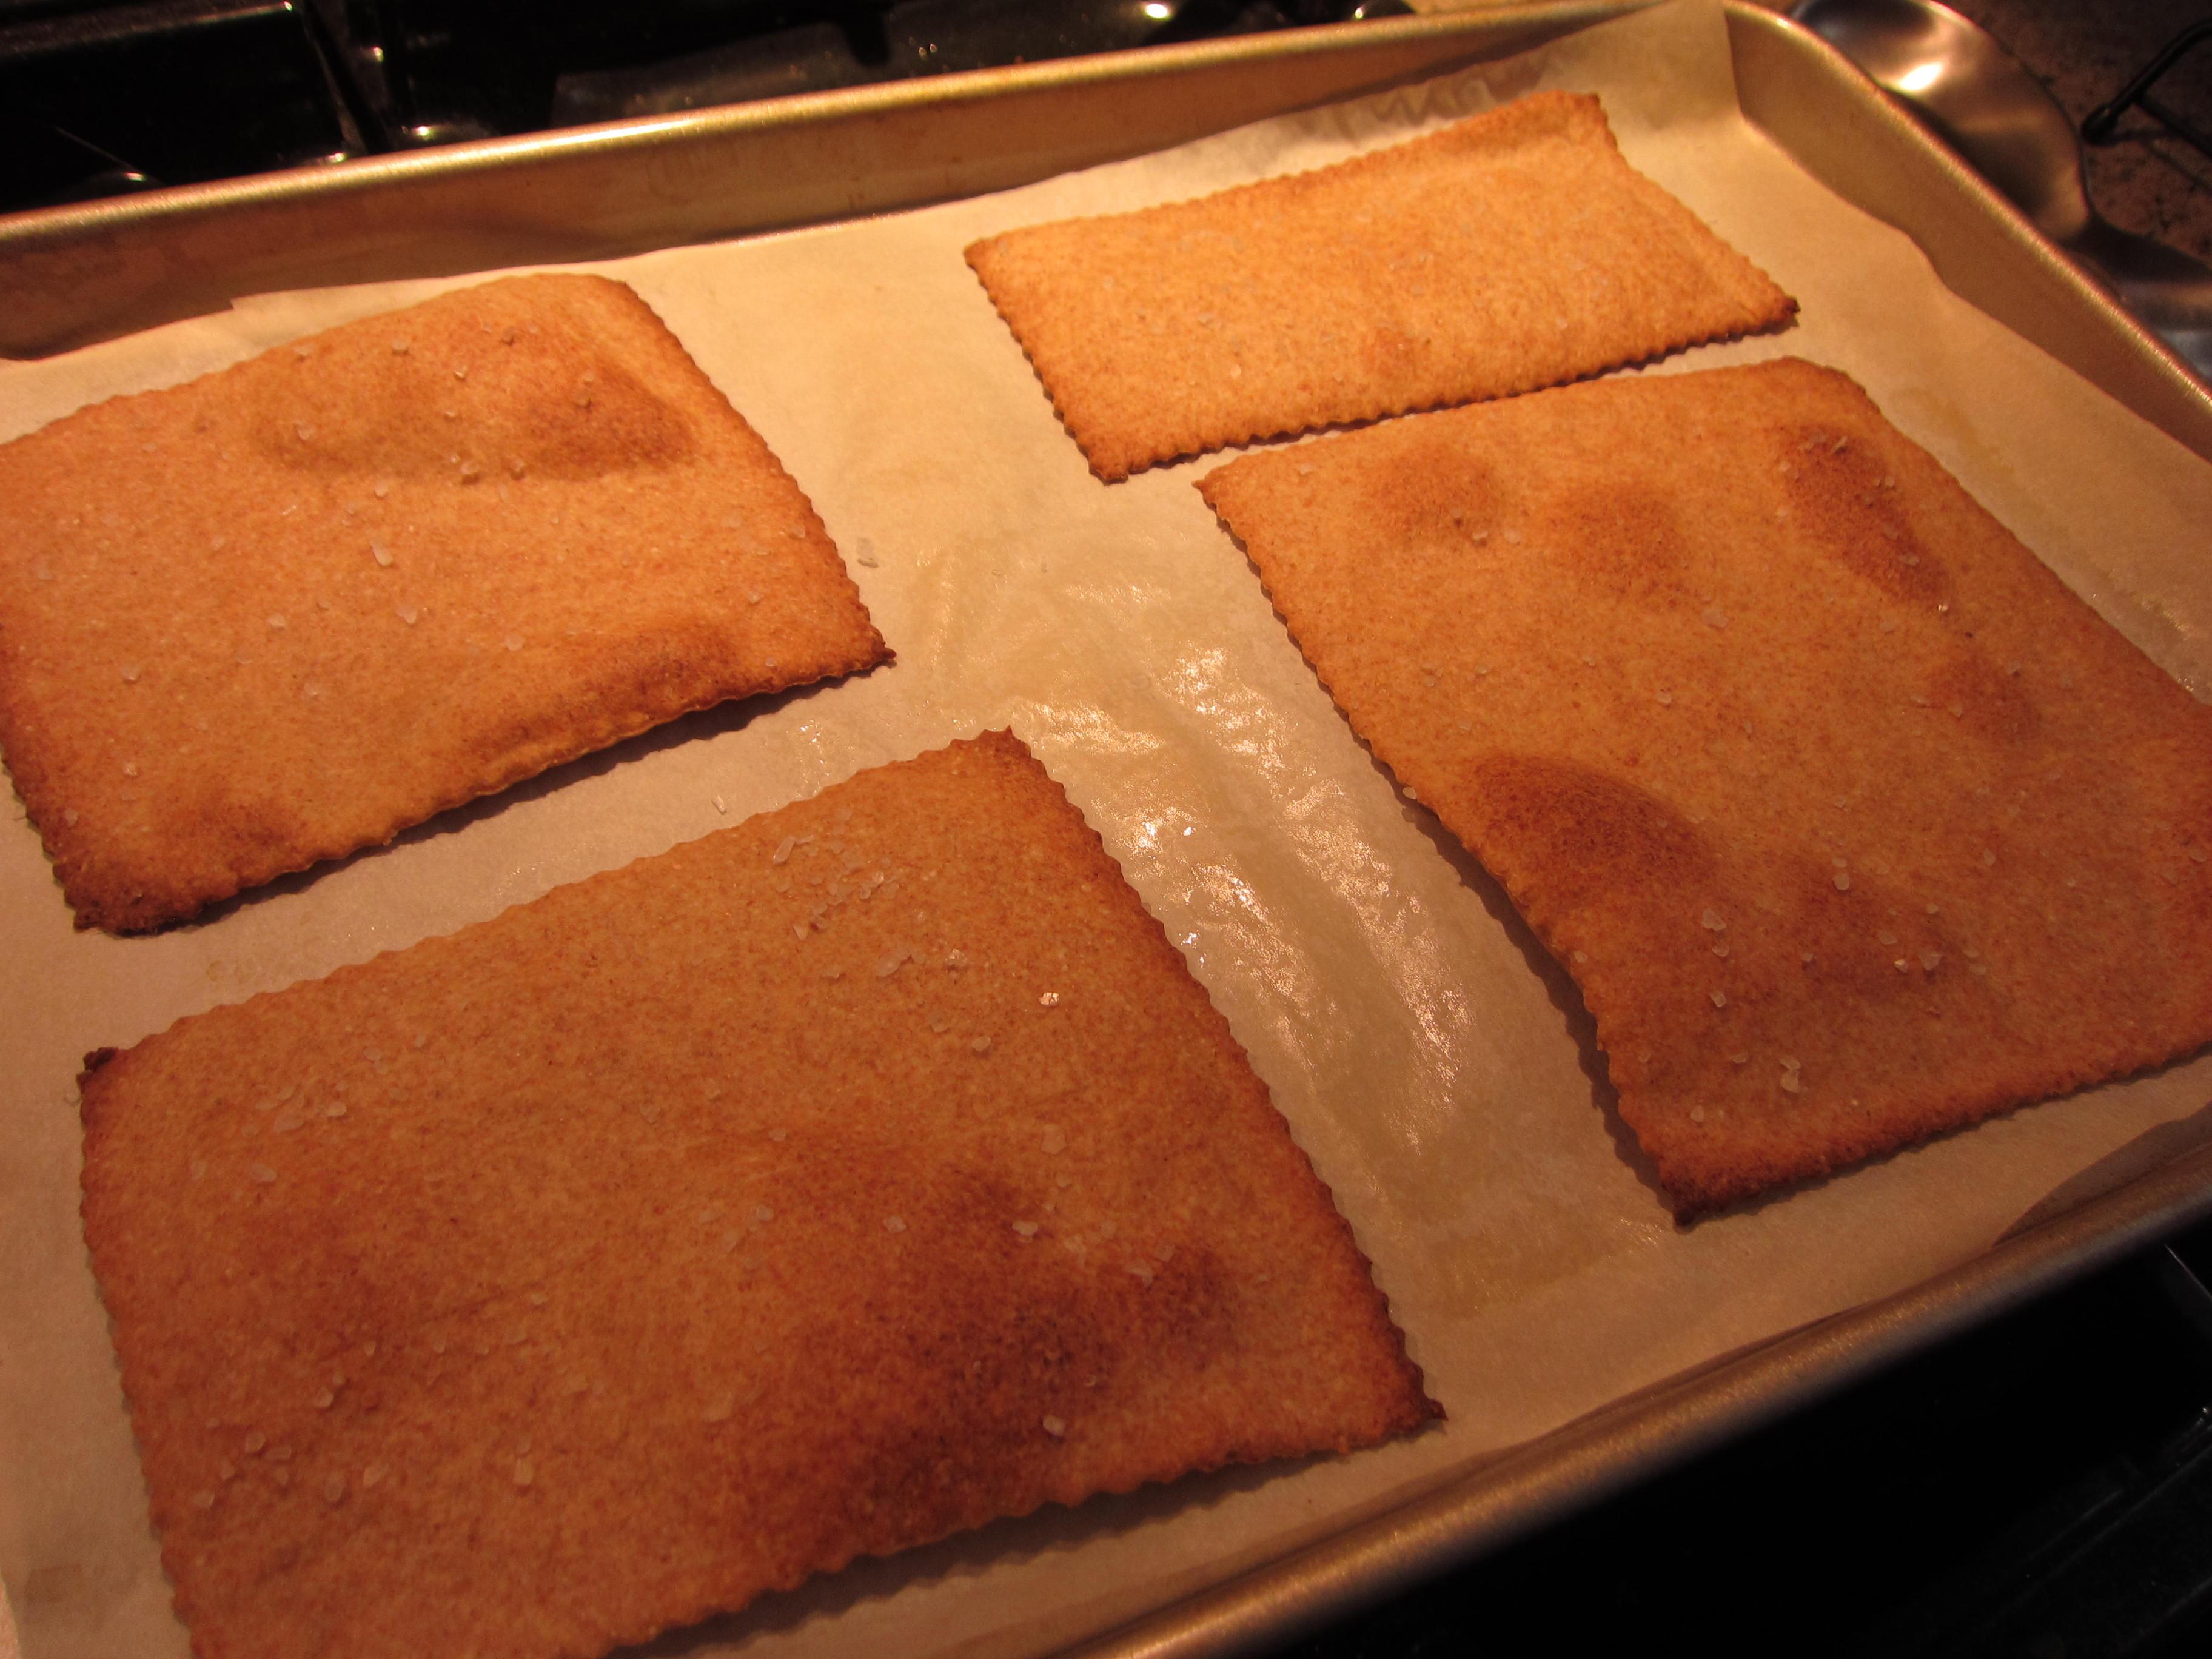 Baked on parchment until crisp.